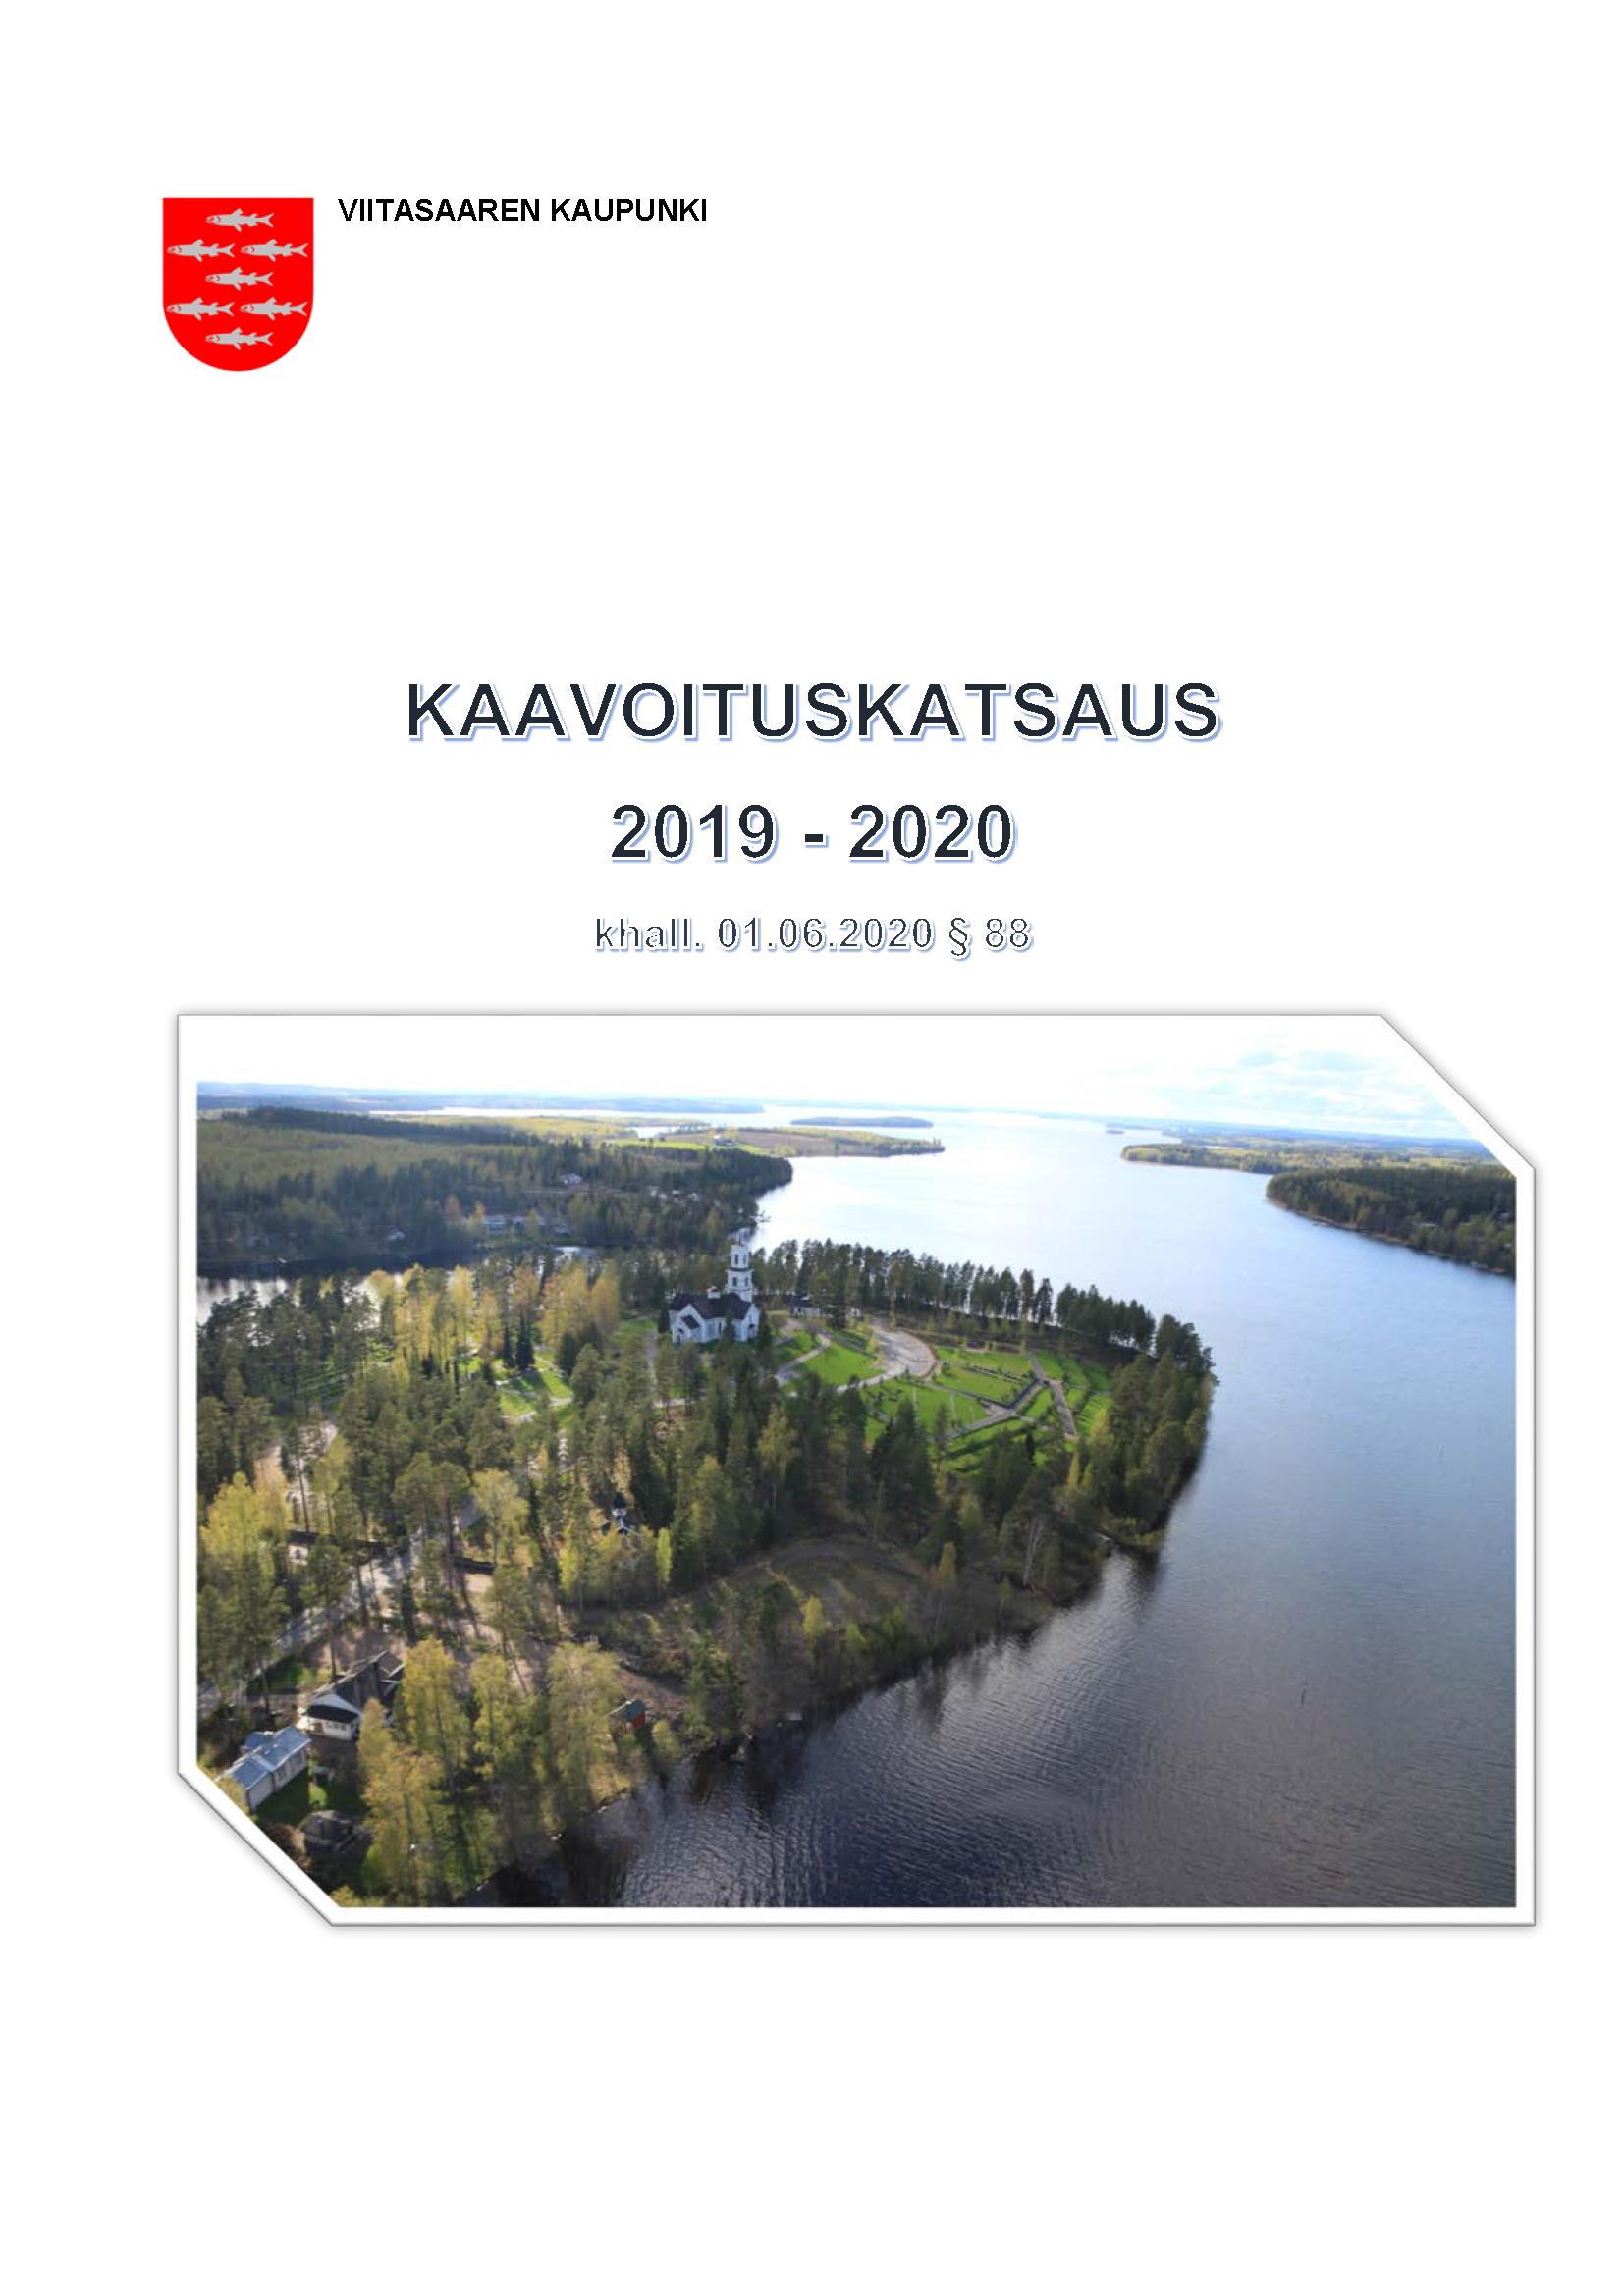 Etusivukuva vuoden 2019-2020 kaavoituskatsauksesta, jossa ilmakuva Viitasaaren kirkon alueelta.